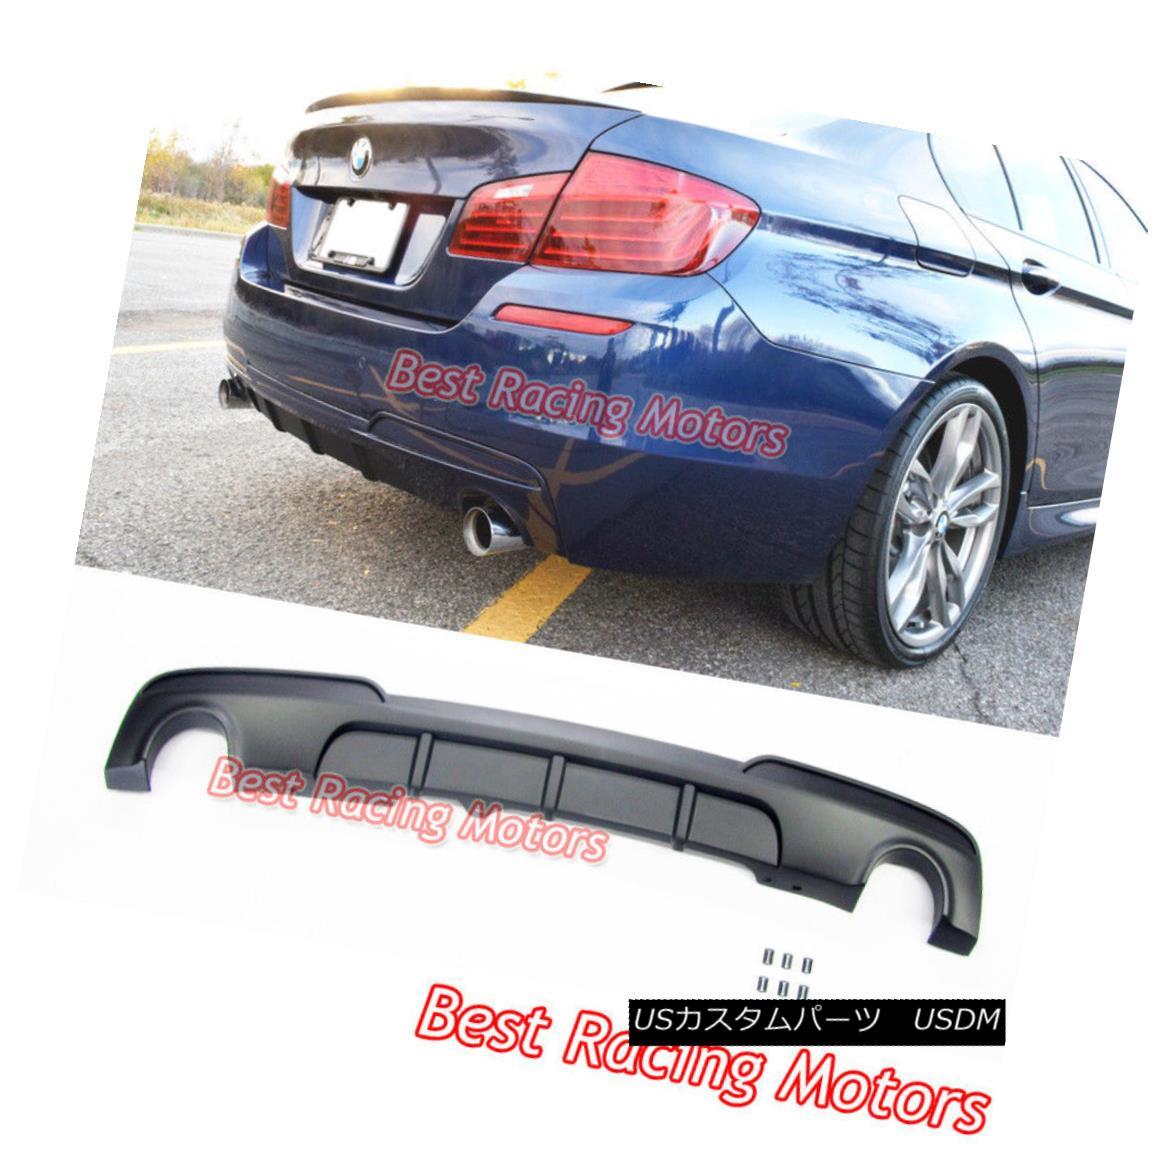 エアロパーツ Performance Style Rear Bumper Diffuser Fits 11-17 BMW F10 F11 5-Series 535i パフォーマンススタイルリアバンパディフューザー11-17 BMW F10 F11 5シリーズ535i